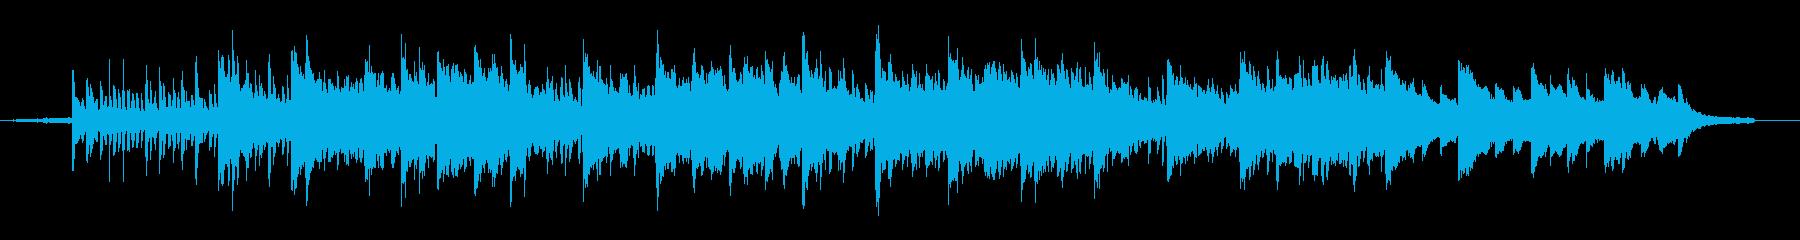 幻想的でスピリチュアルなバラードの再生済みの波形